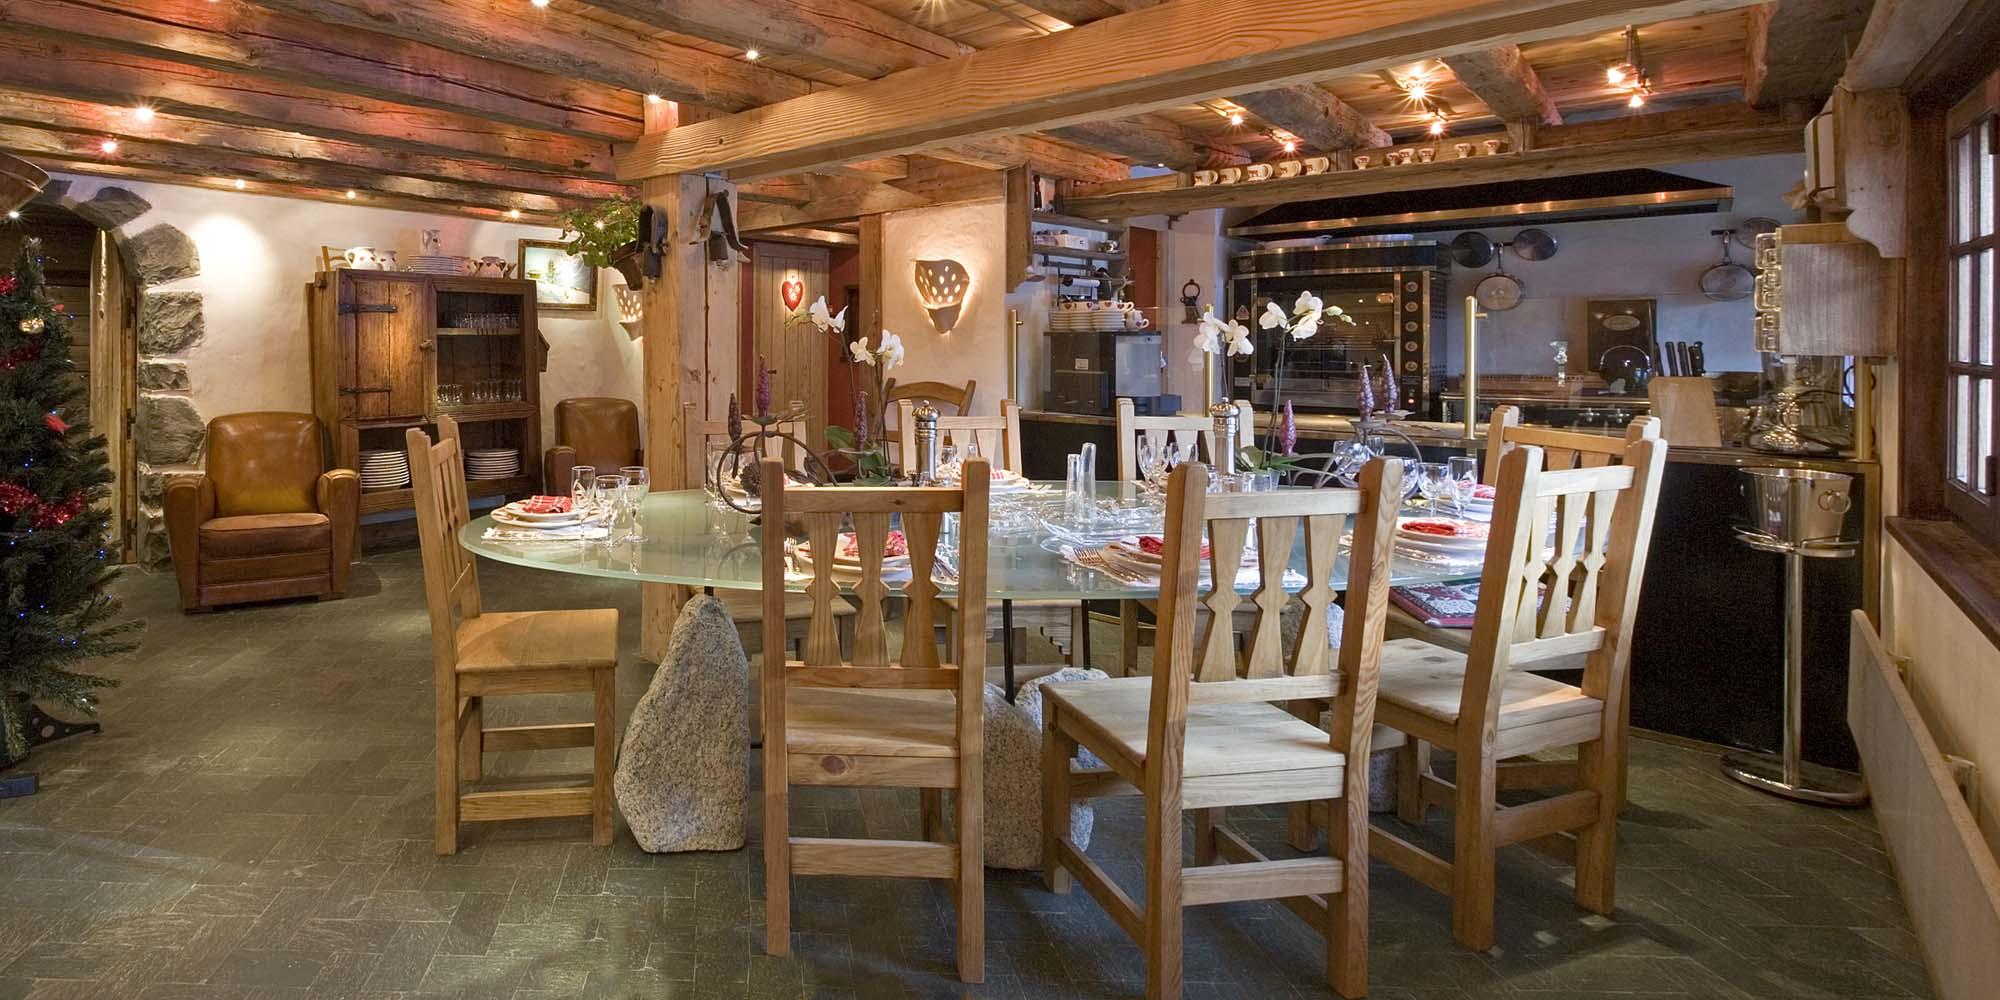 Restaurant gastronomique Les Tables de Philippe Chamonix